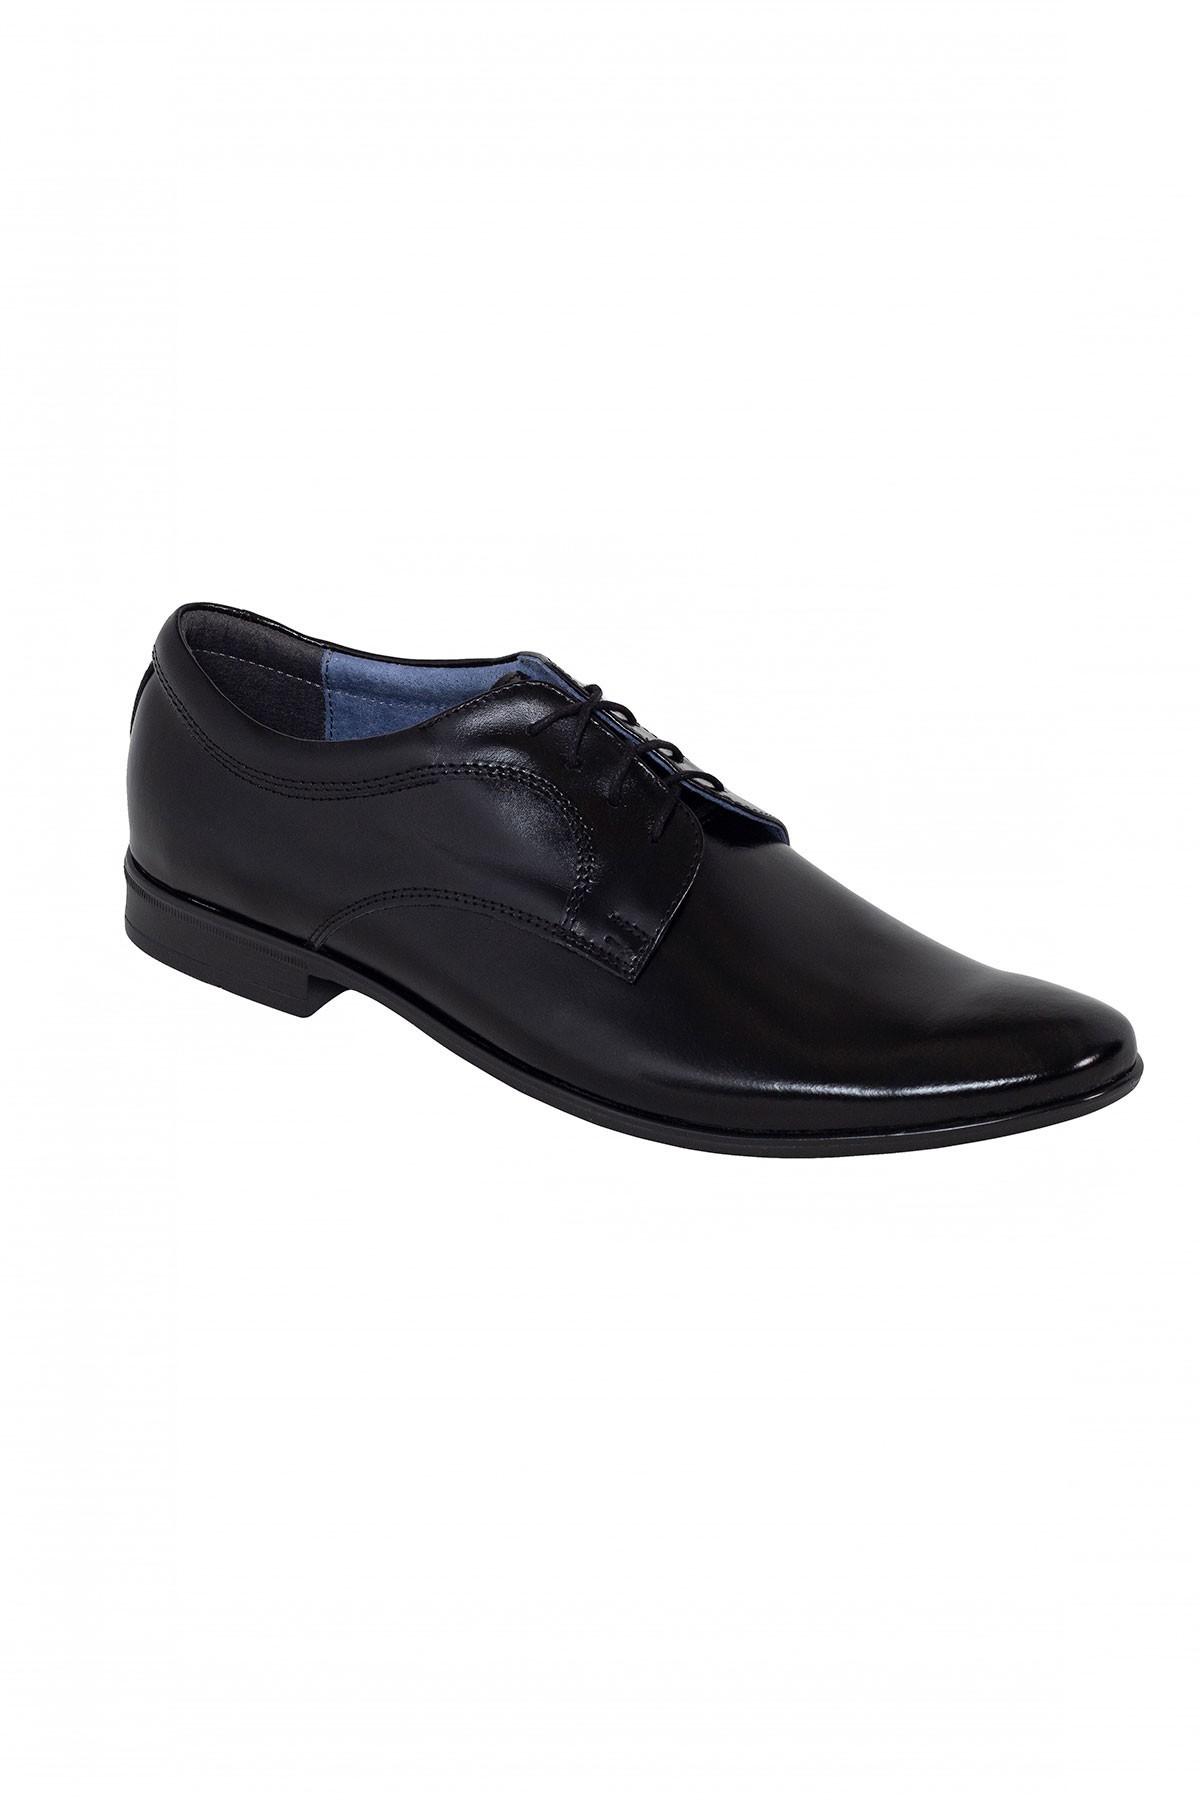 czarne buty męskie skórzane do garnituru